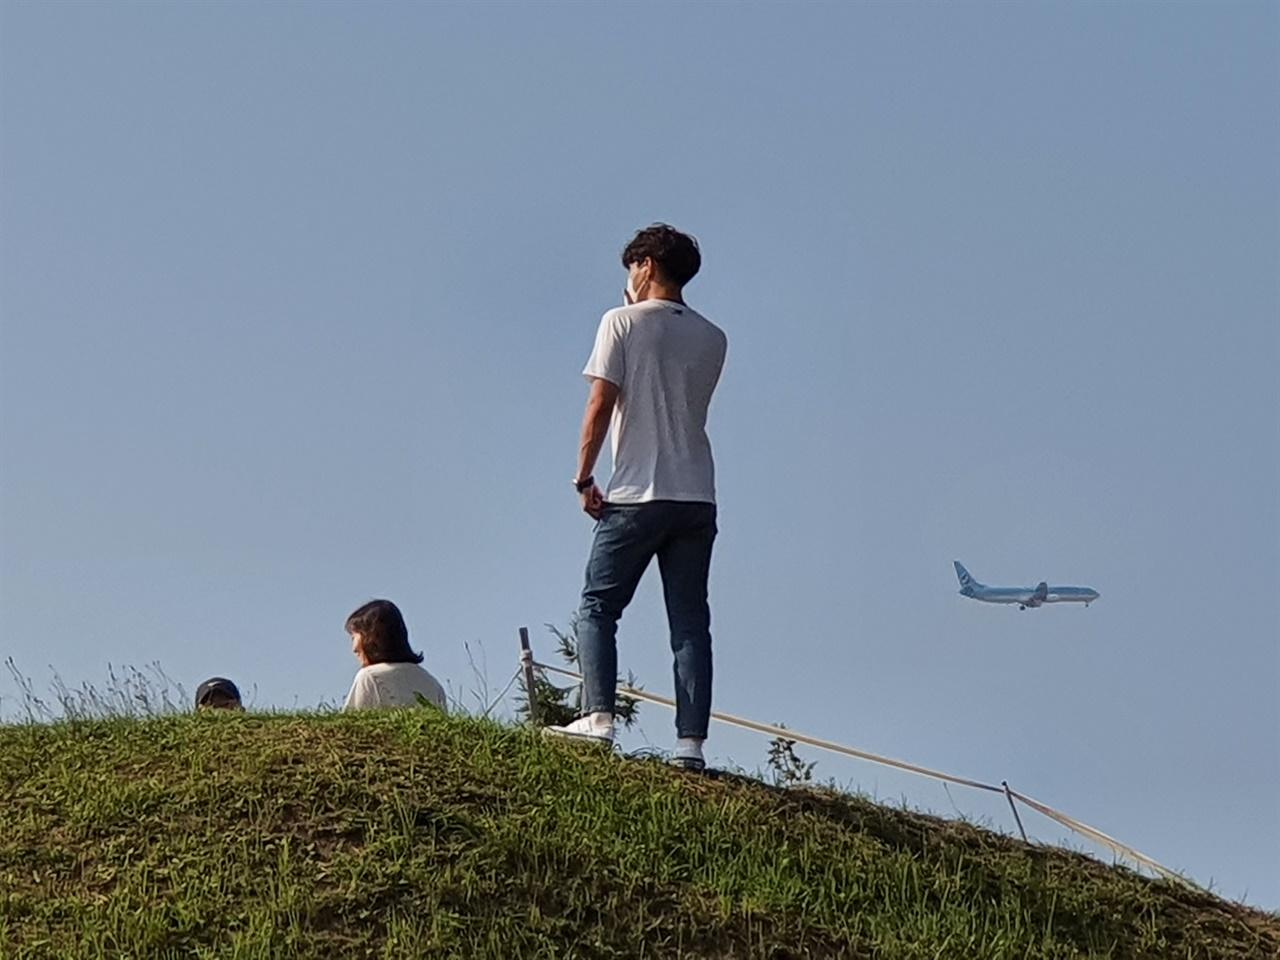 항몽유적지 토성 위에서 비행기가 지나갈 때 인생사진을 찍을 수 있다는 소문이 나면서 청춘남녀들이 많이 찾고 있다.